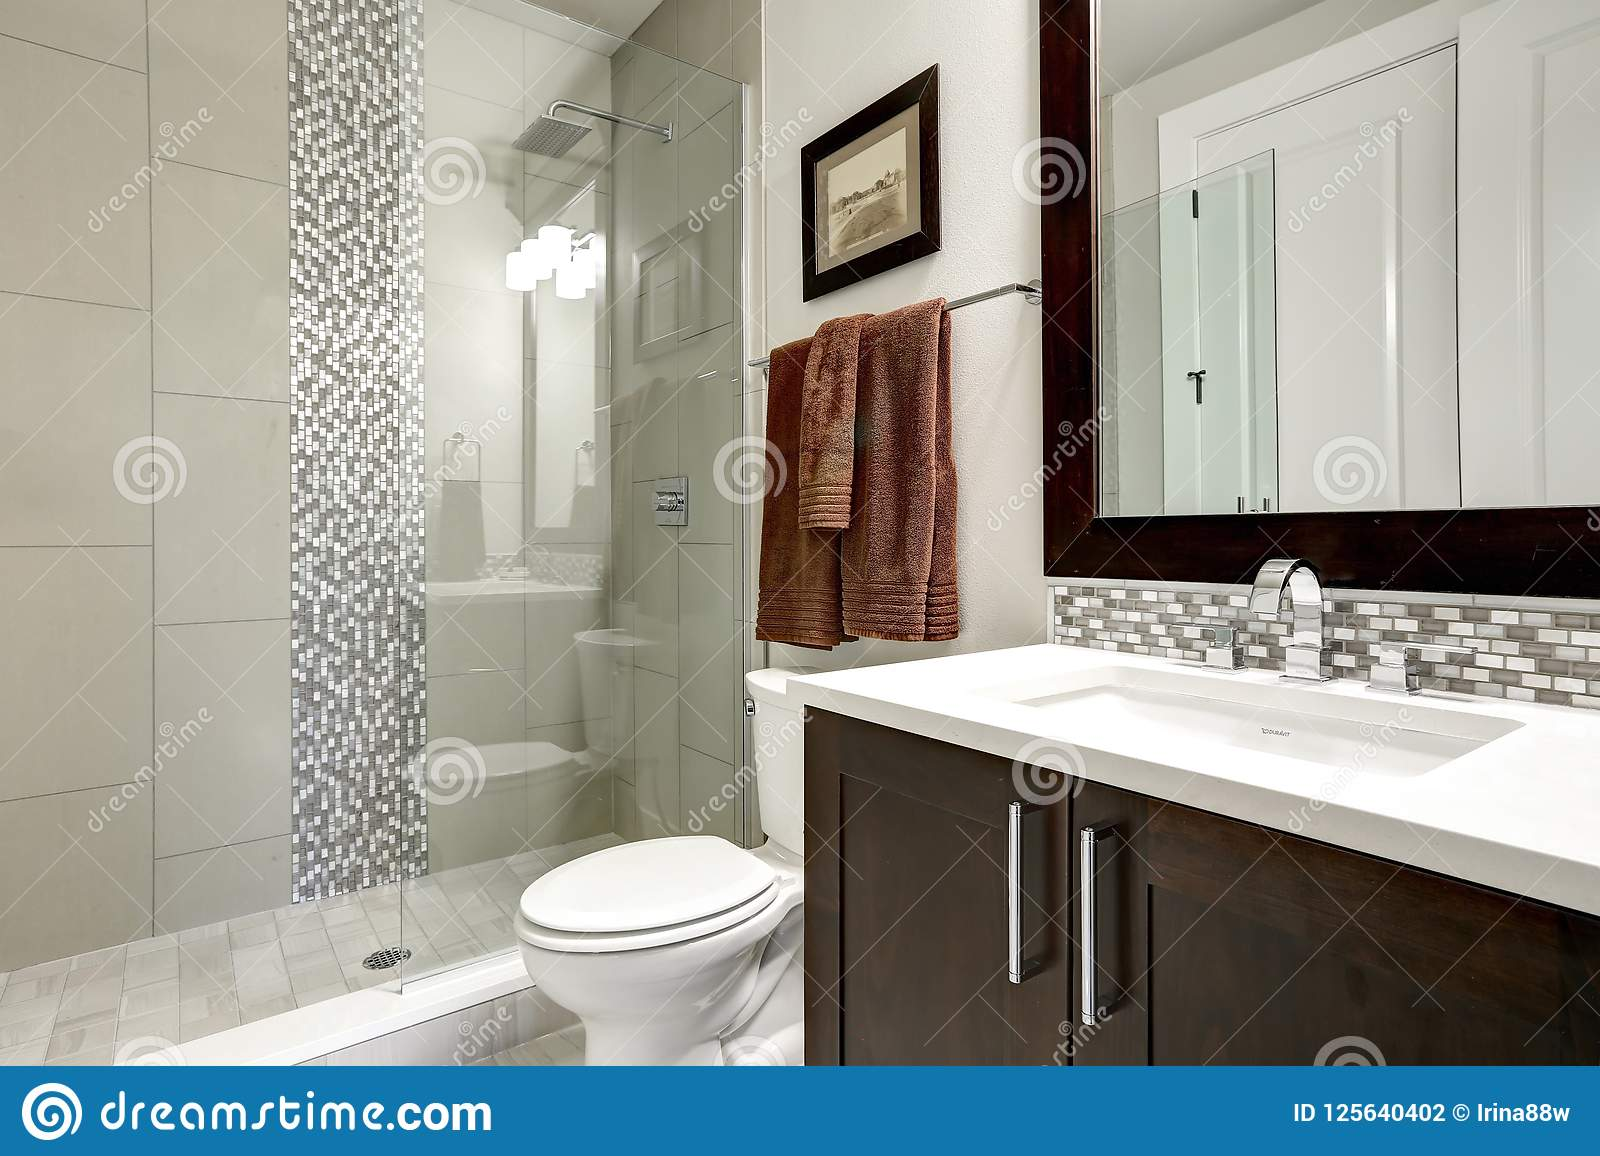 Salle De Bain Avec Bois intérieur moderne de salle de bains avec les coffrets foncés